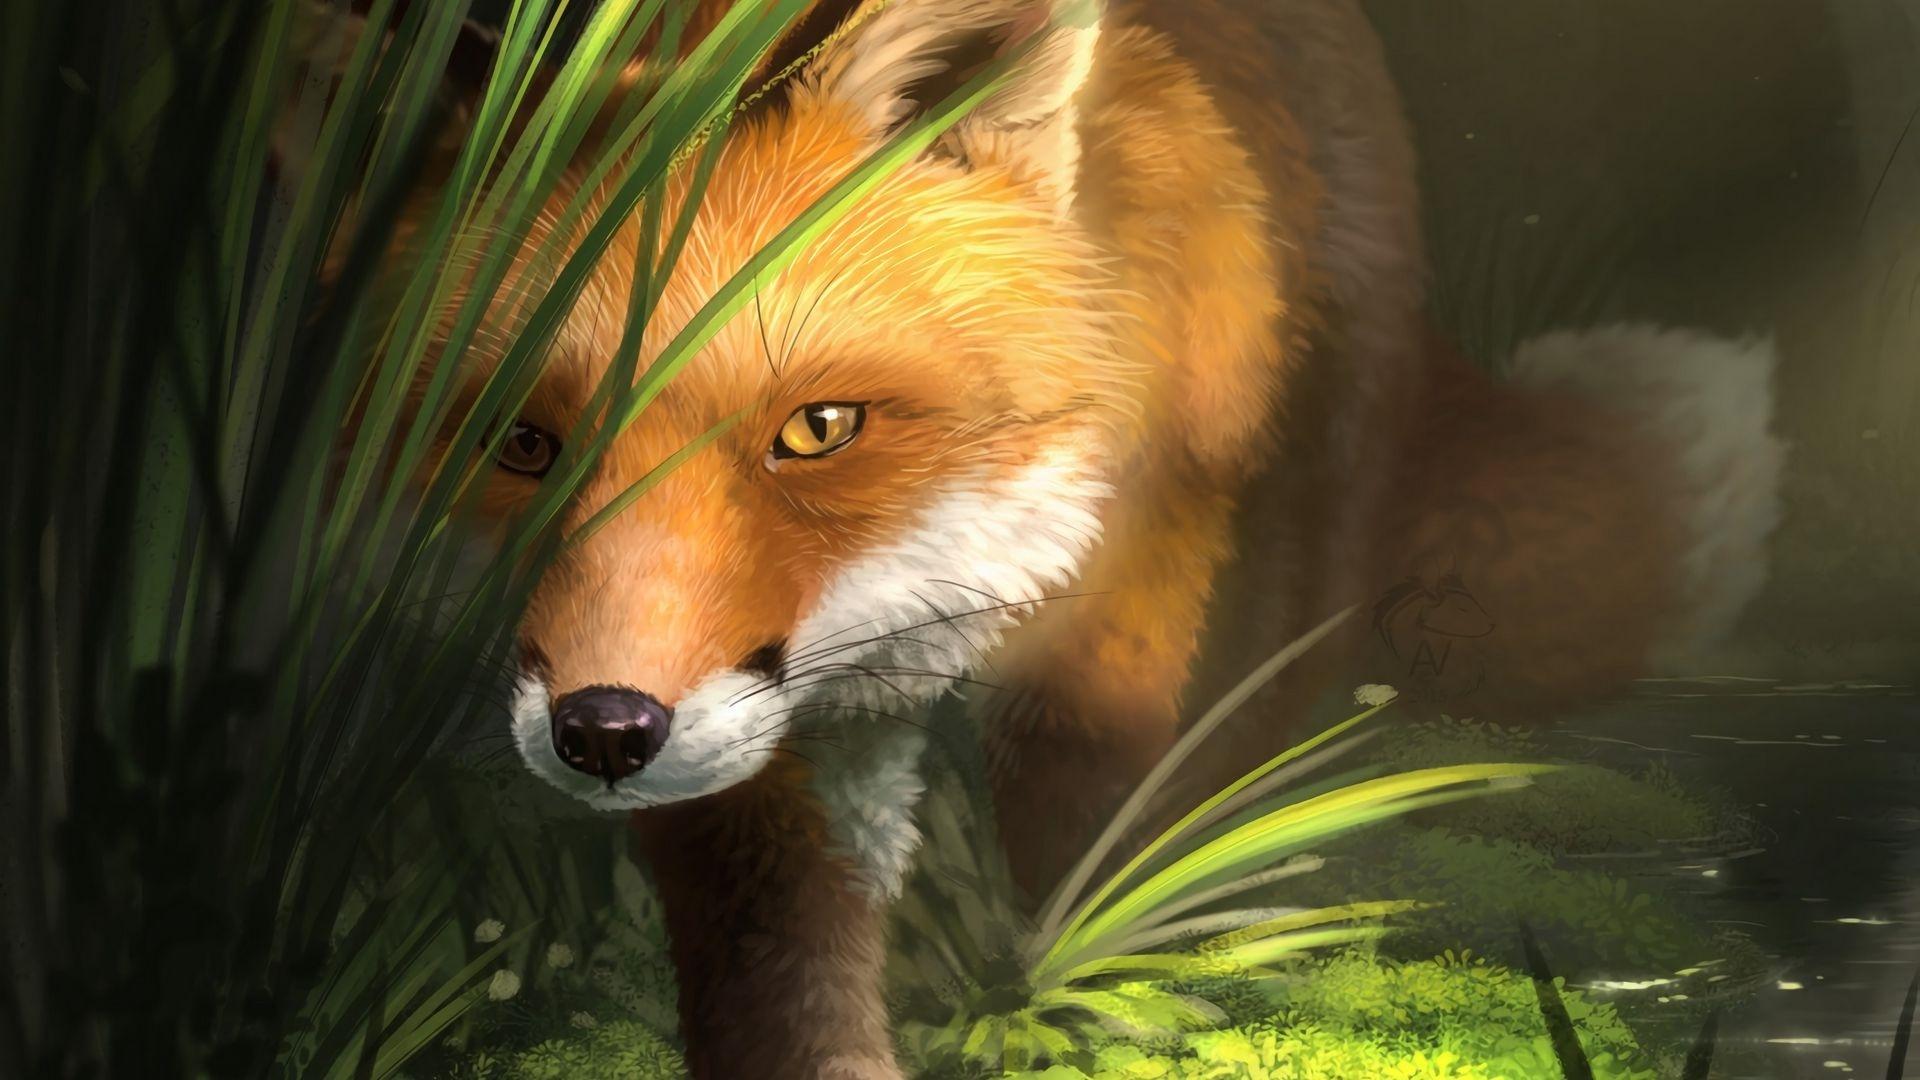 Fox Art Desktop Wallpaper